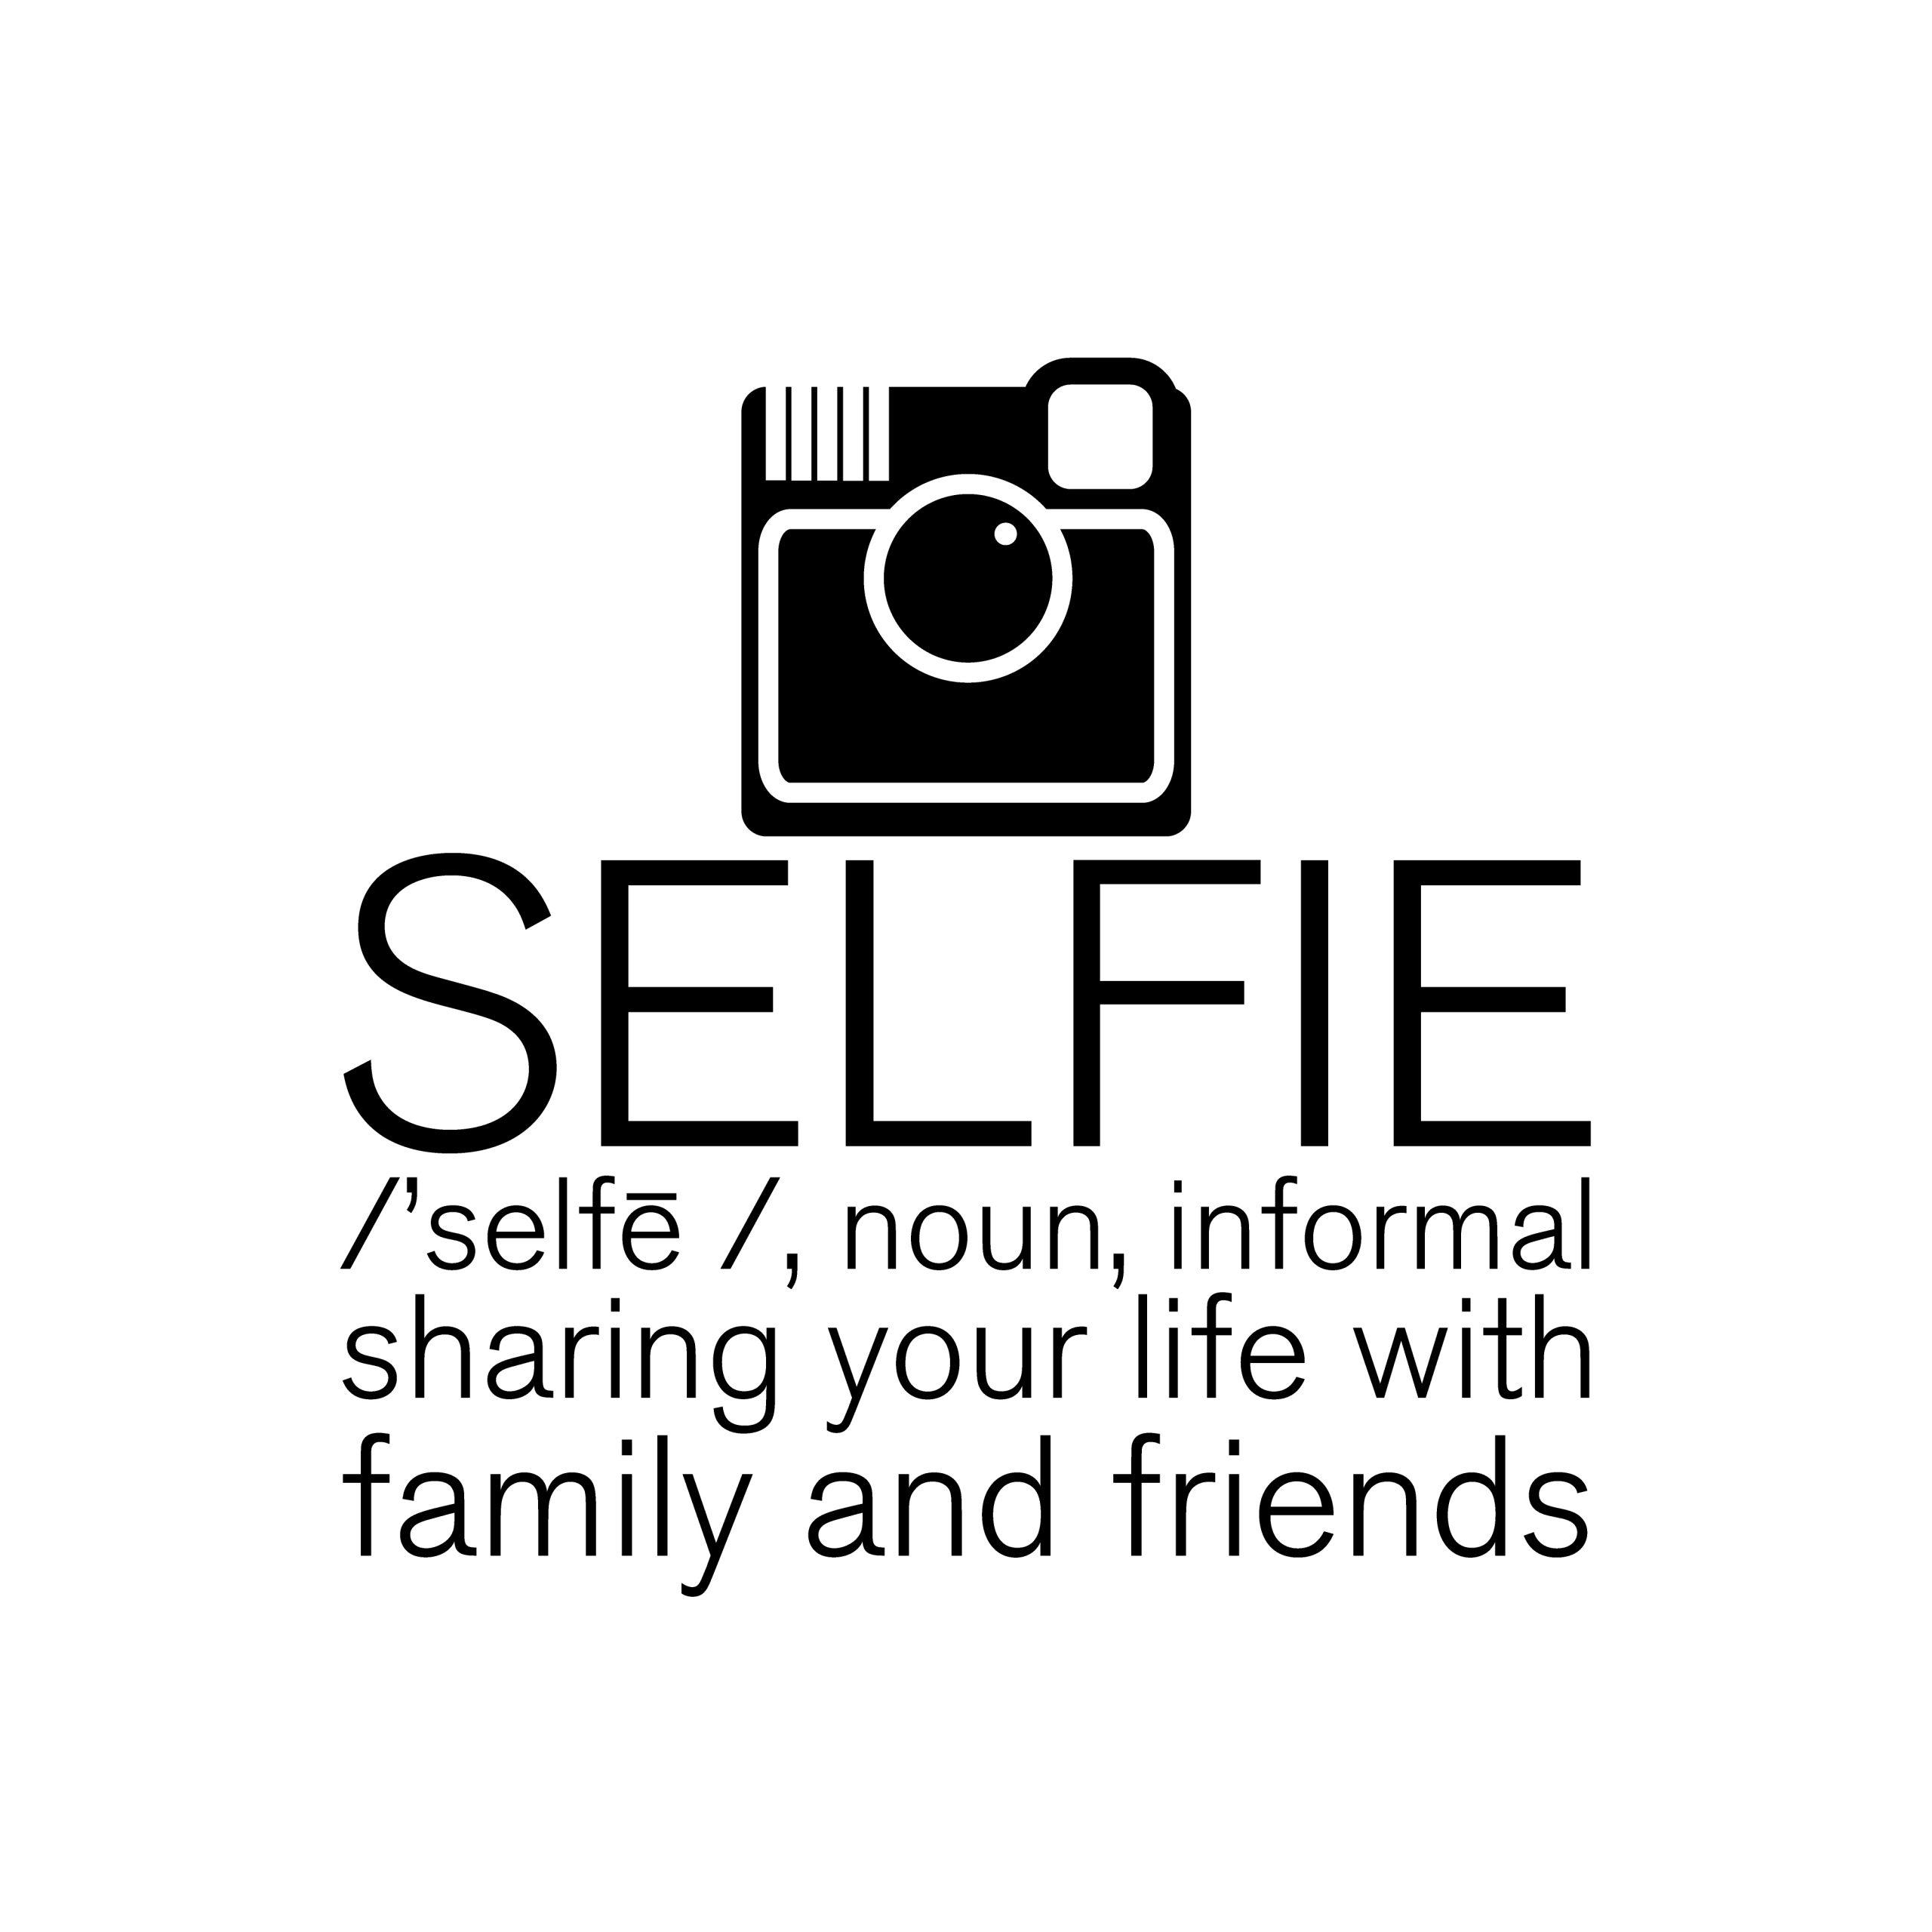 Selfie Tween Teen Instagram Hangout Wall Diy